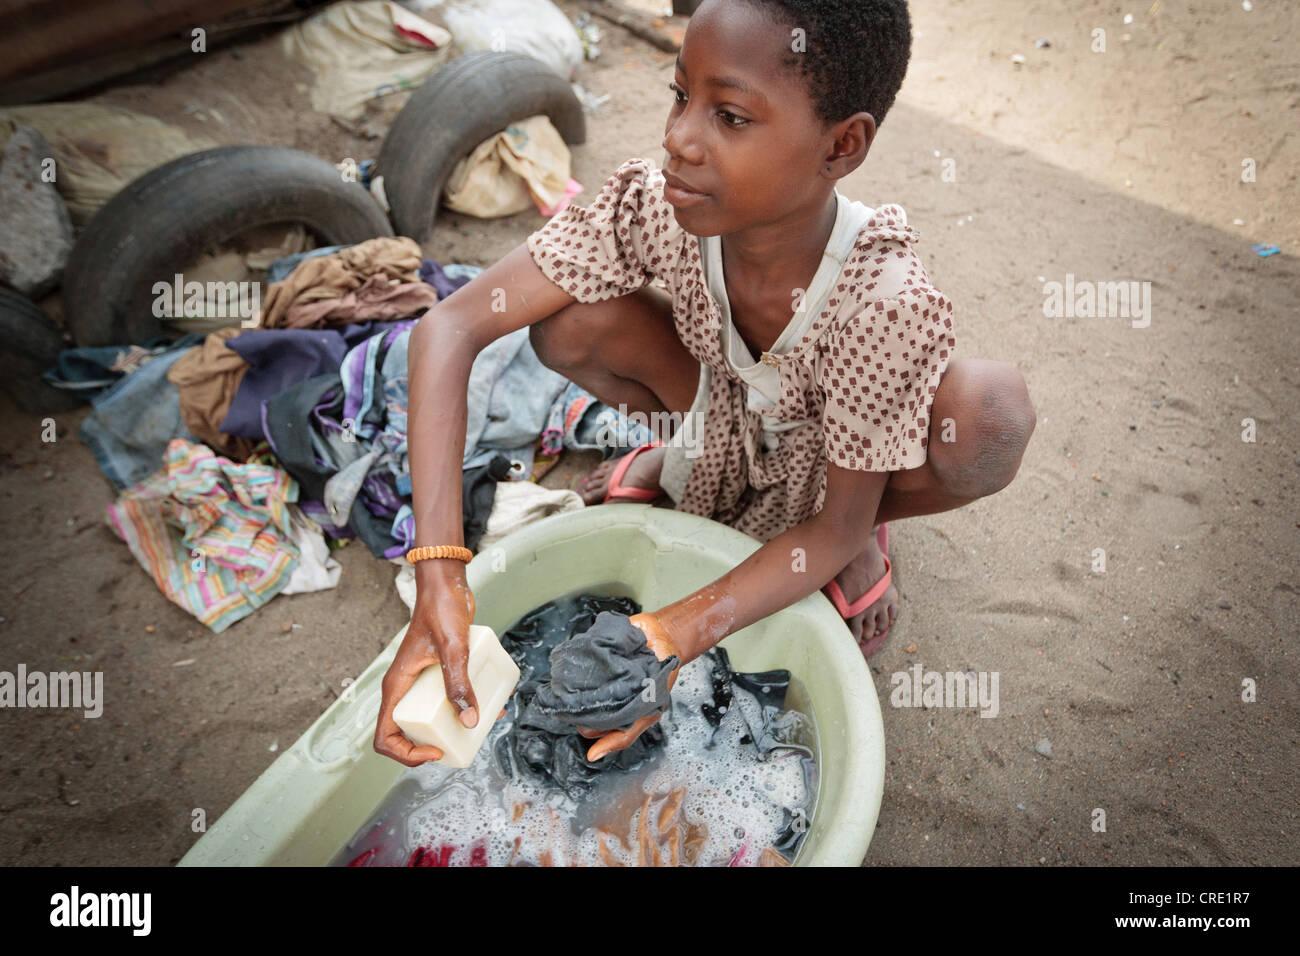 Una ragazza mano lava vestiti nel punto quattro quartiere di Monrovia, Montserrado county, Liberia giovedì Immagini Stock